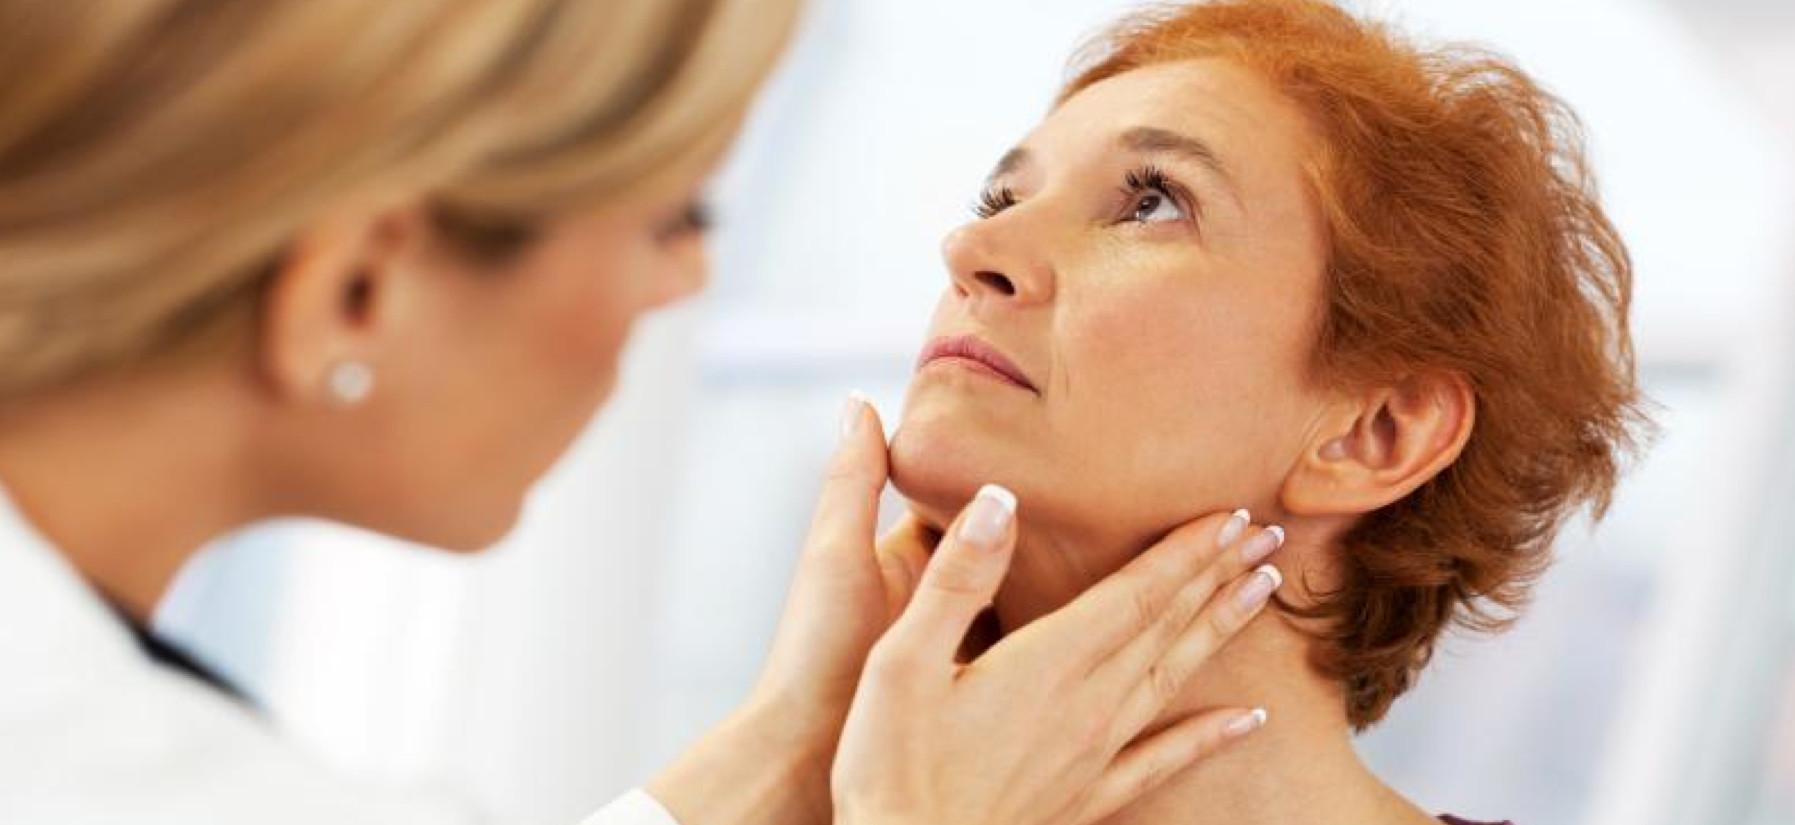 Женщины подвержены заболеваниям щитовидной железы в 20 раз чаще мужчин.